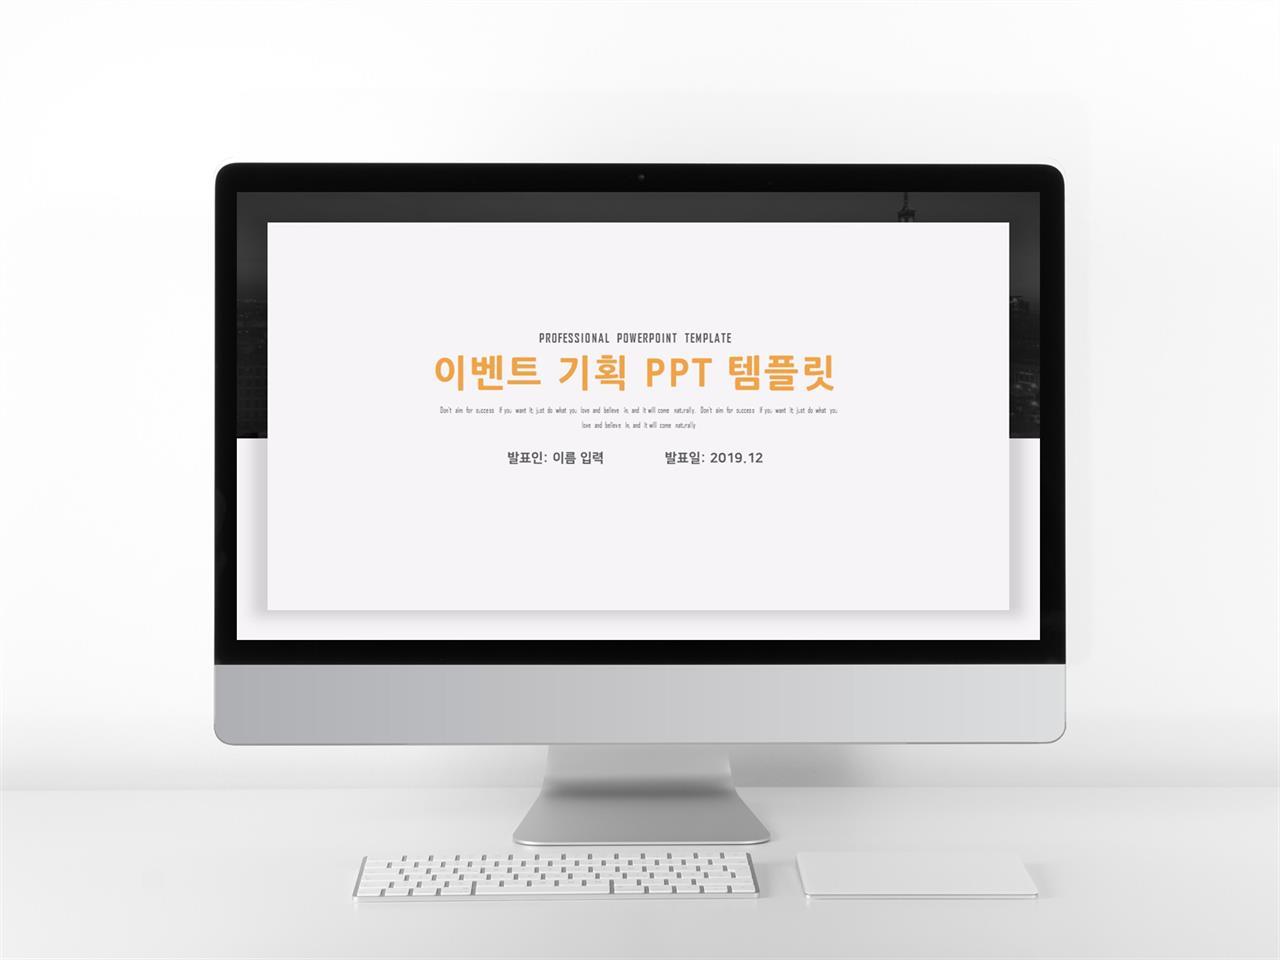 상업계획 등색 산뜻한 프로급 파워포인트배경 사이트 미리보기